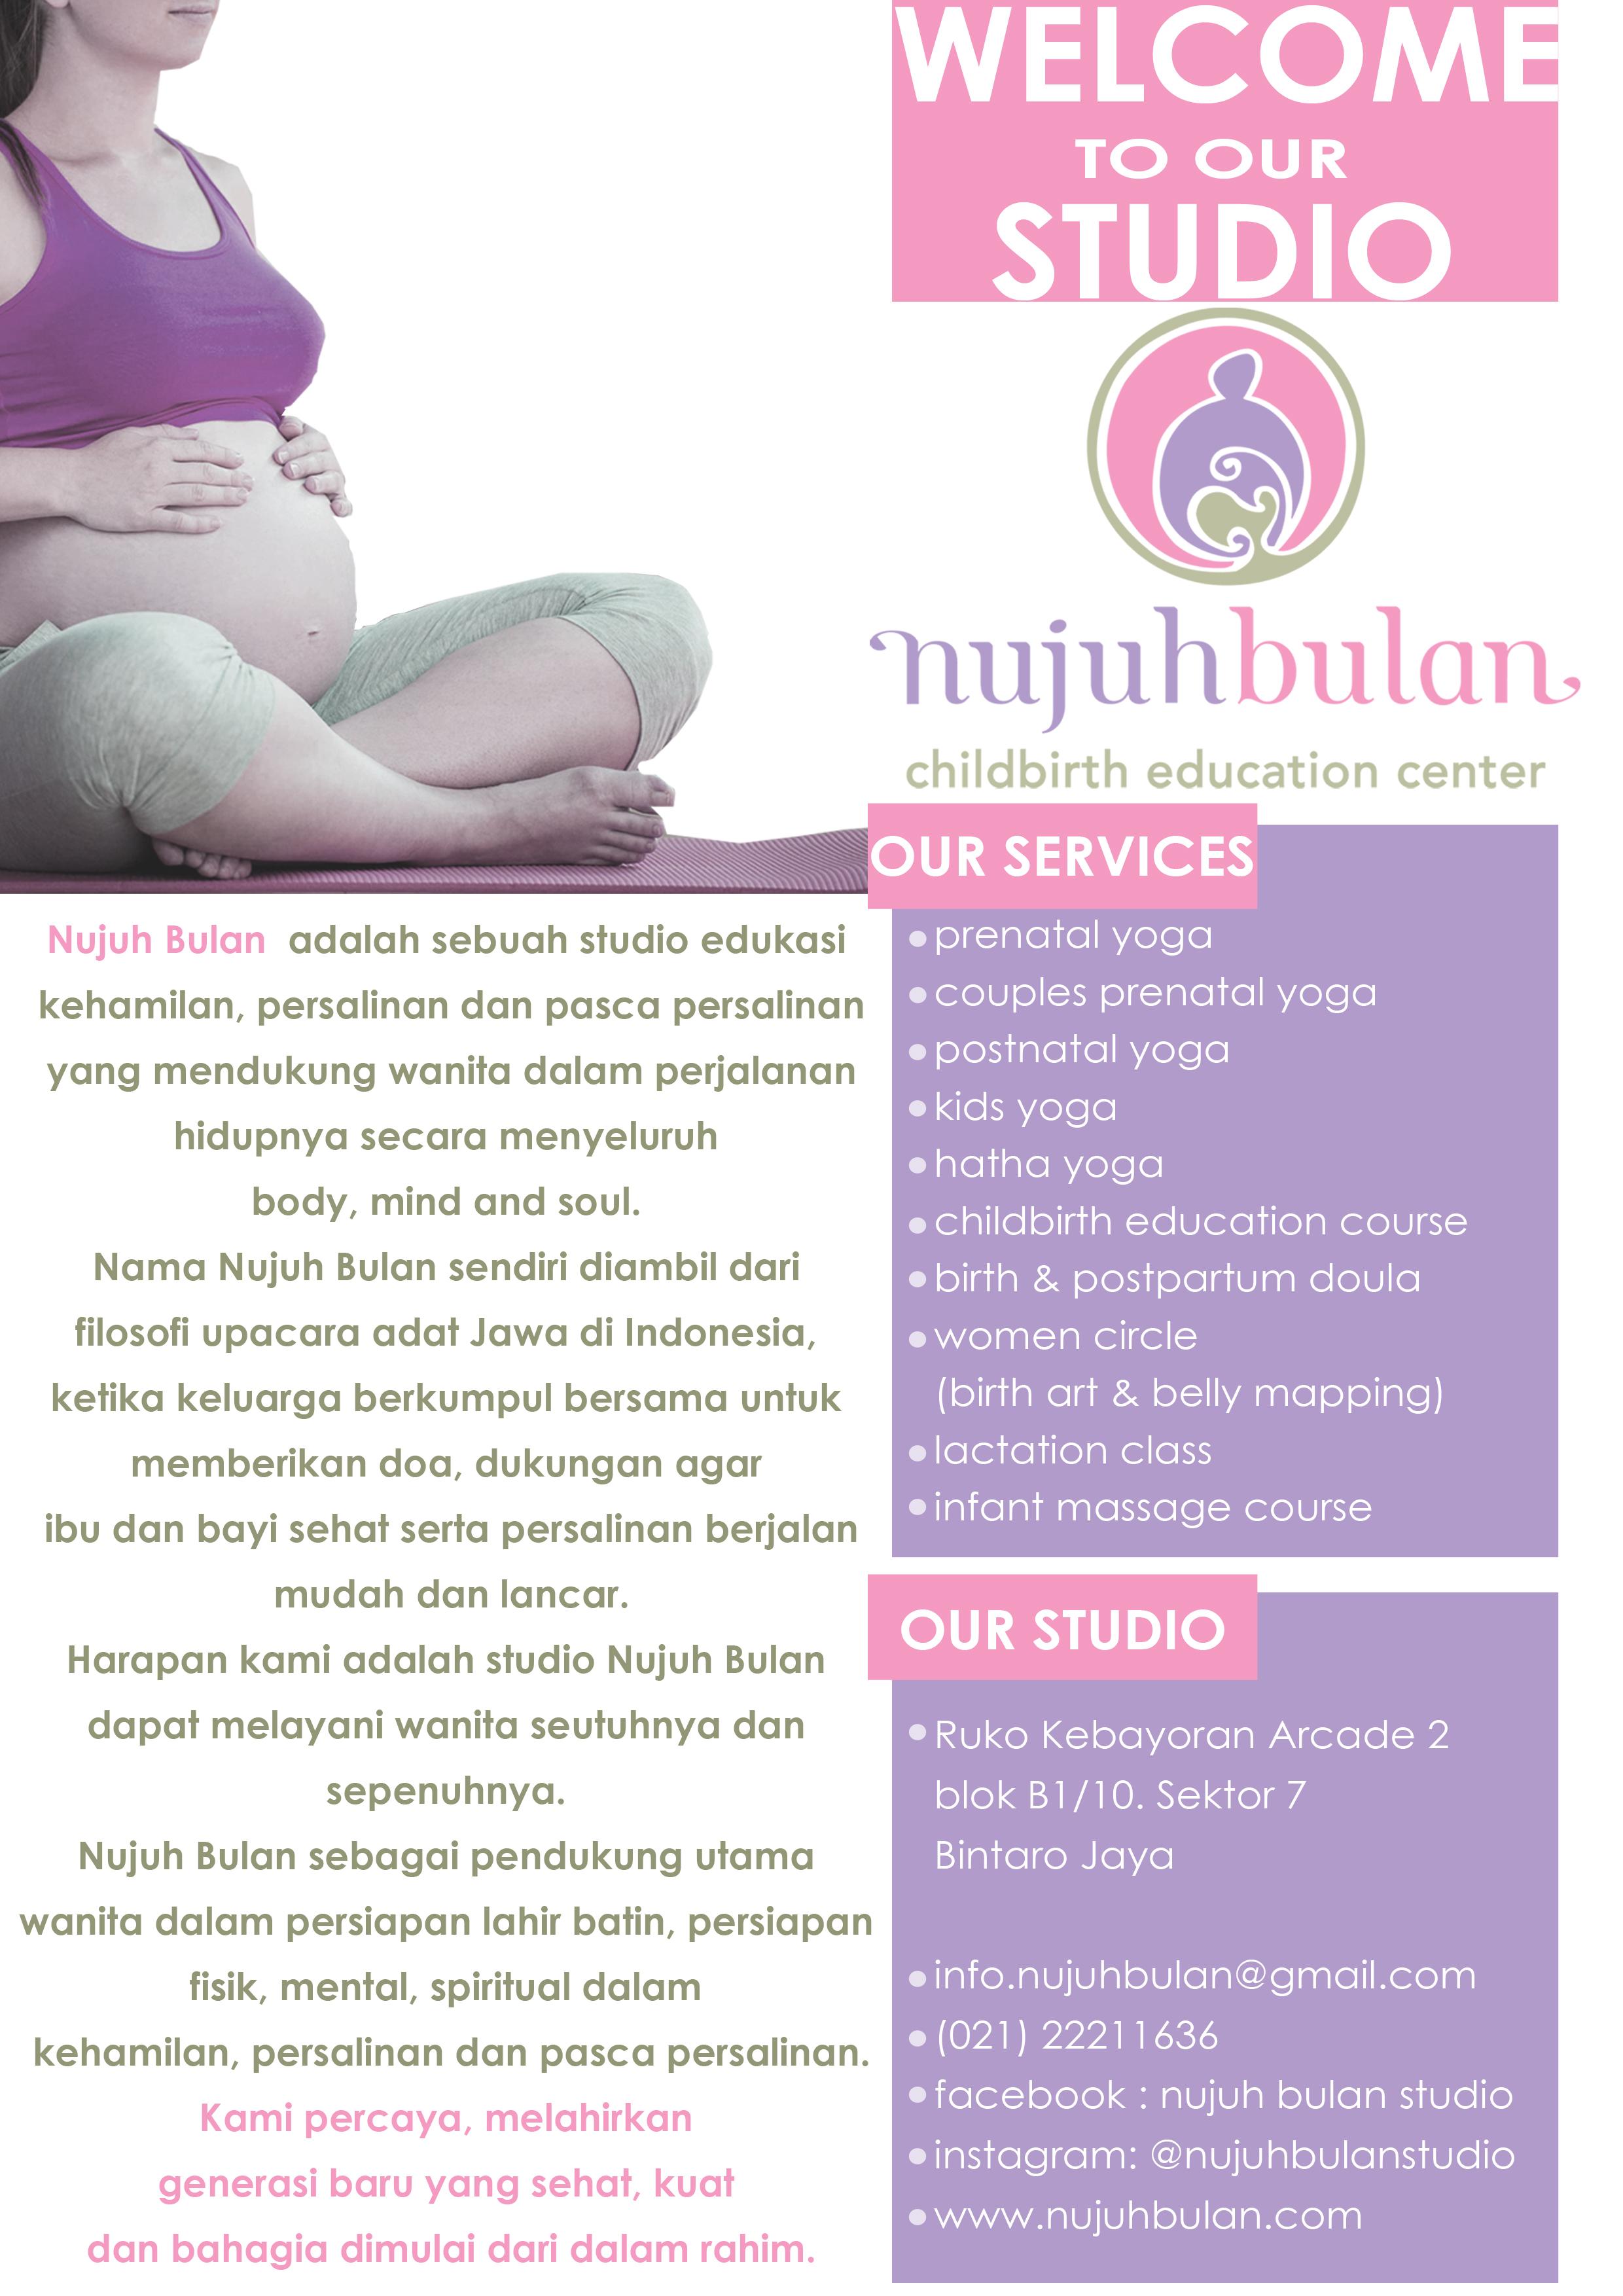 Introducing Nujuh Bulan Studio